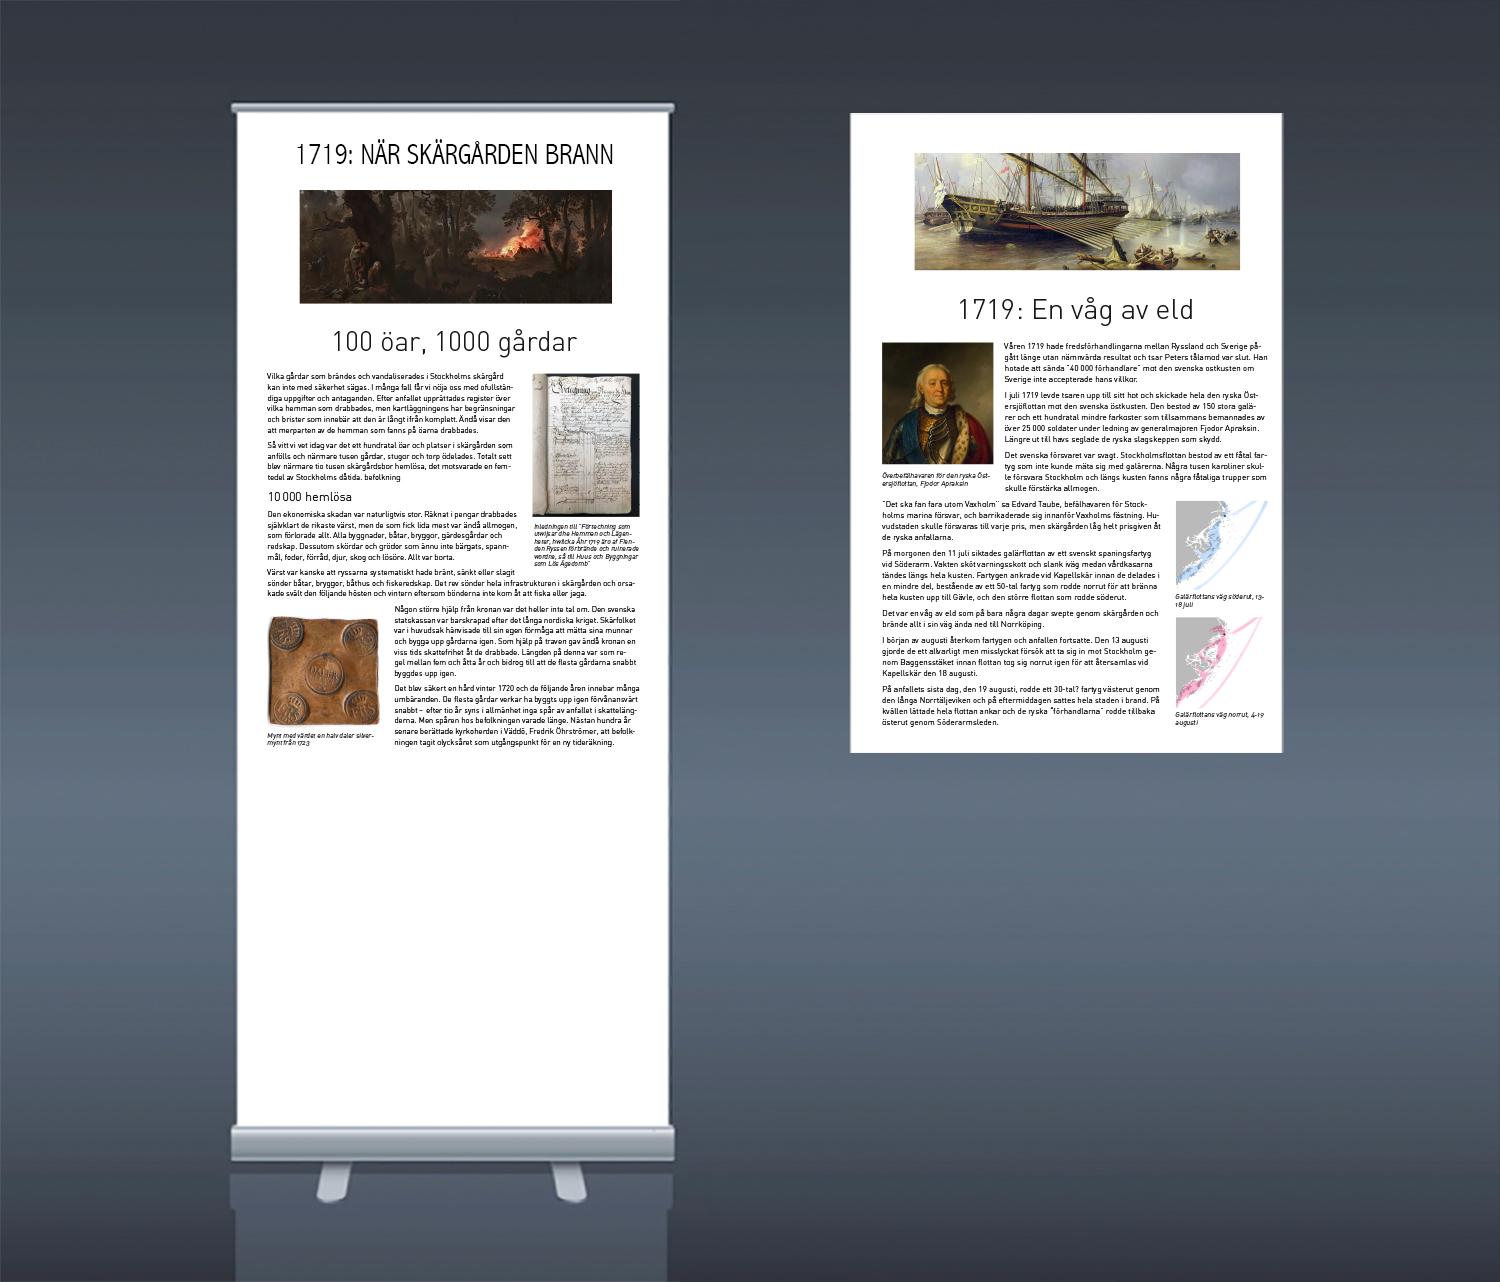 På länkarna till höger om bilden kan du ladda ner original som du enkelt kan skicka till en tryckare för att göra Rollups eller affischer till en egen utställning om 1719.